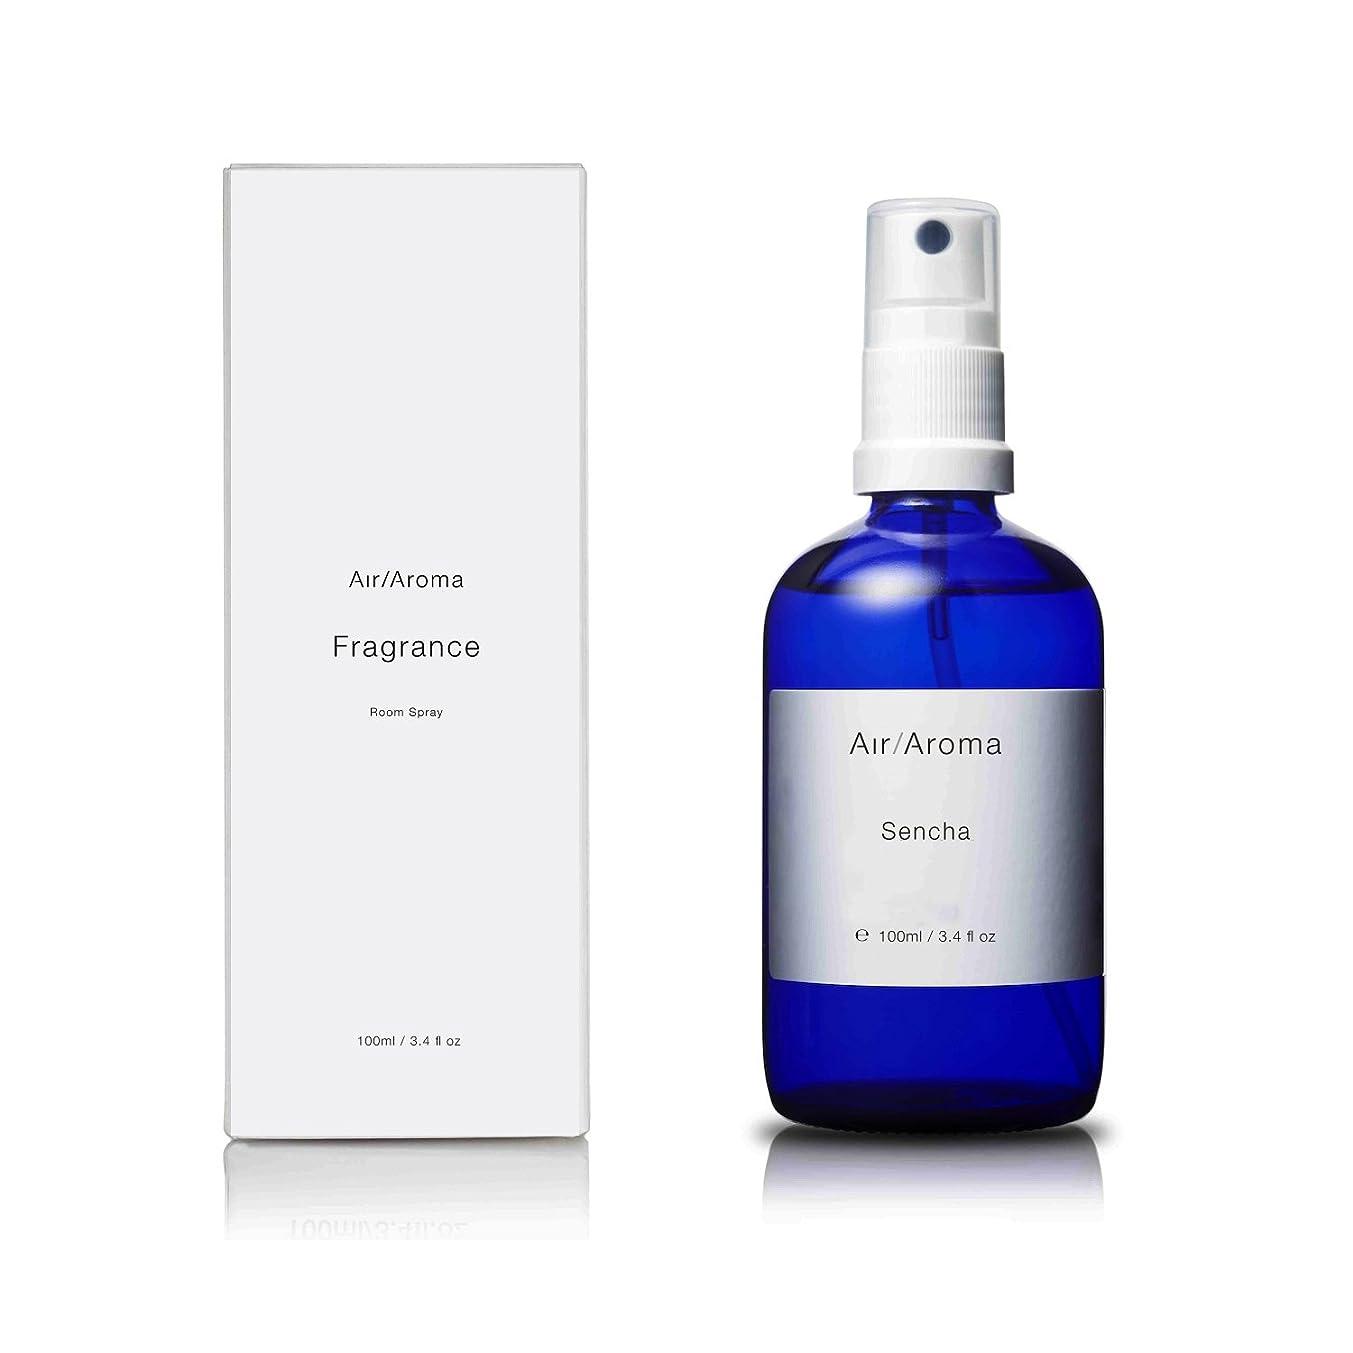 恥ずかしさ宇宙飛行士雷雨エアアロマ sencha room fragrance(センチャ ルームフレグランス)100ml